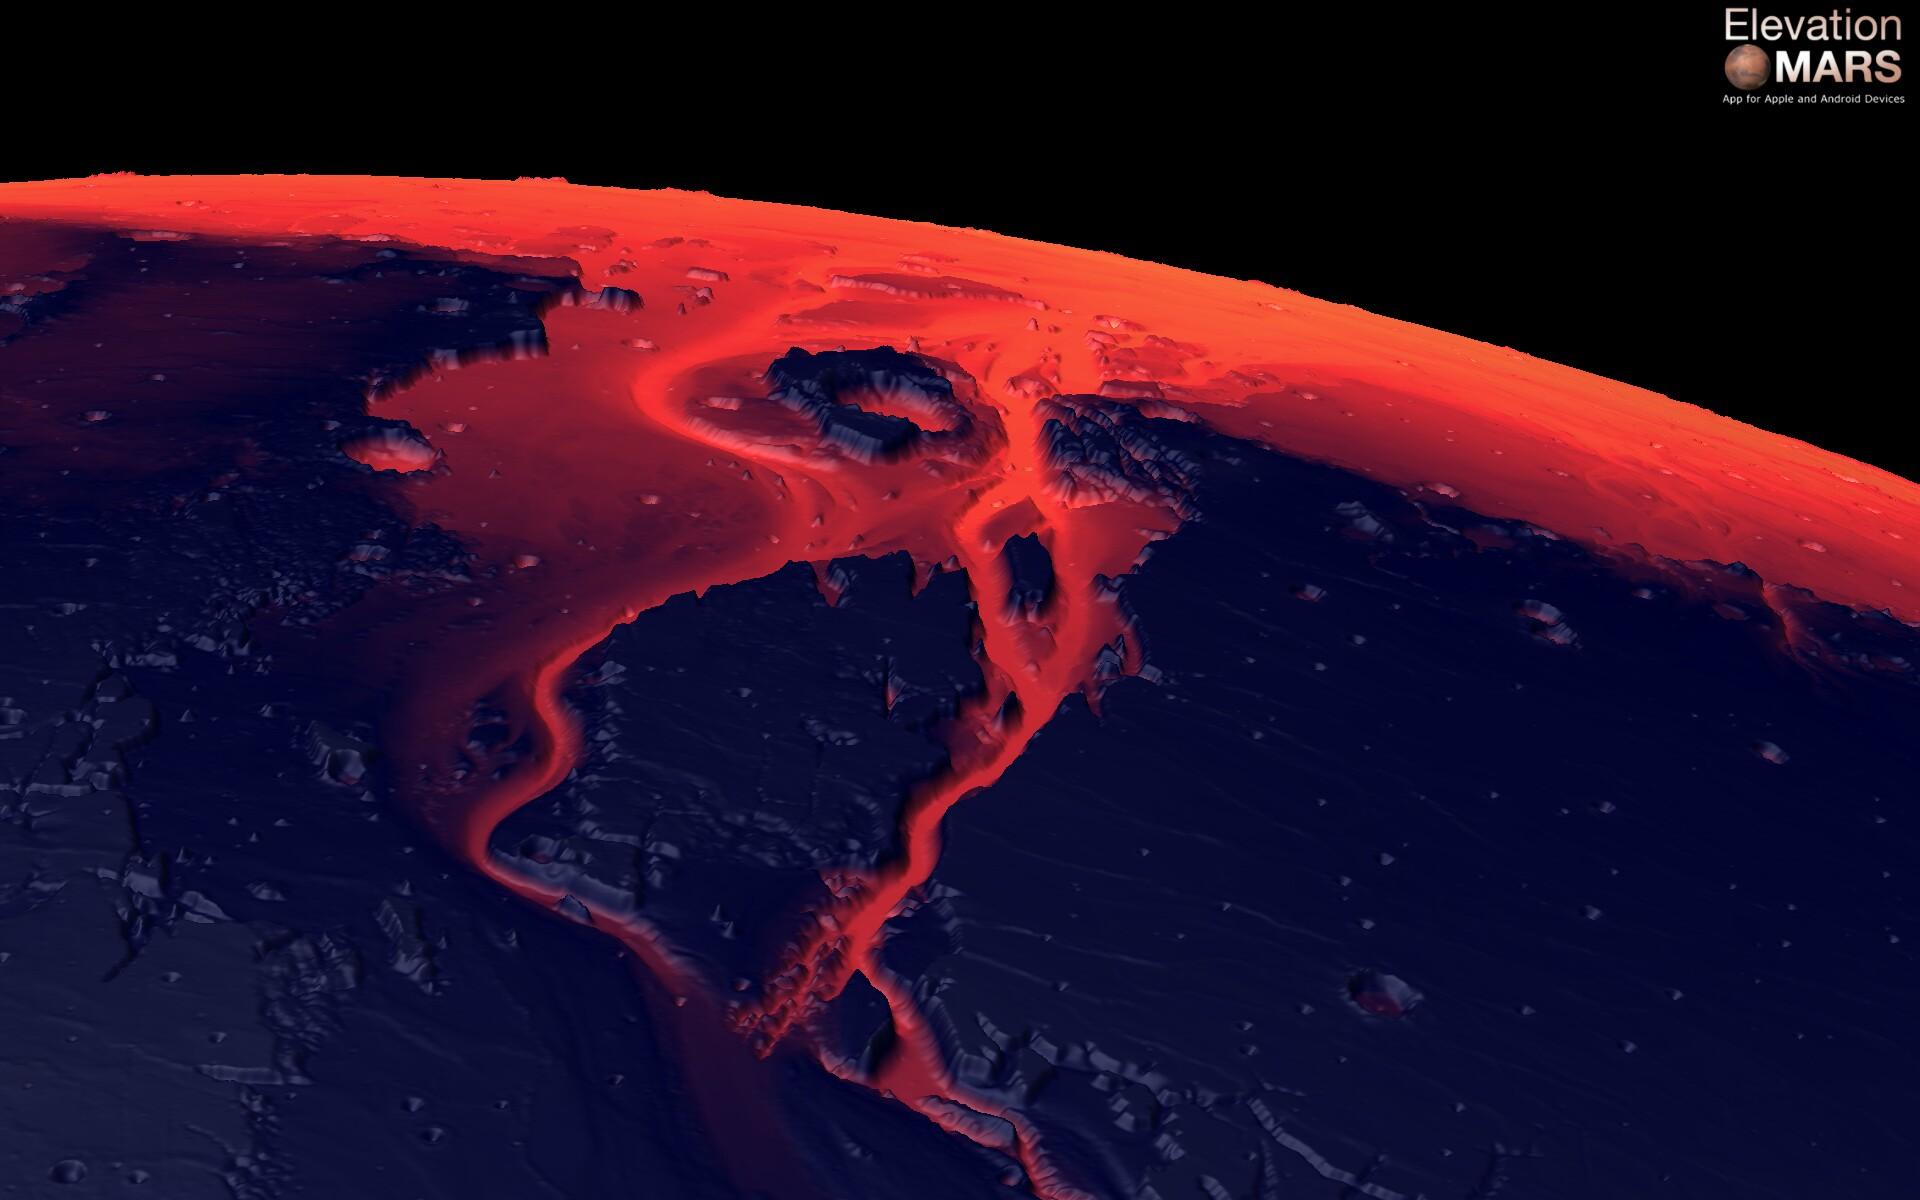 Elevation Mars v2.1